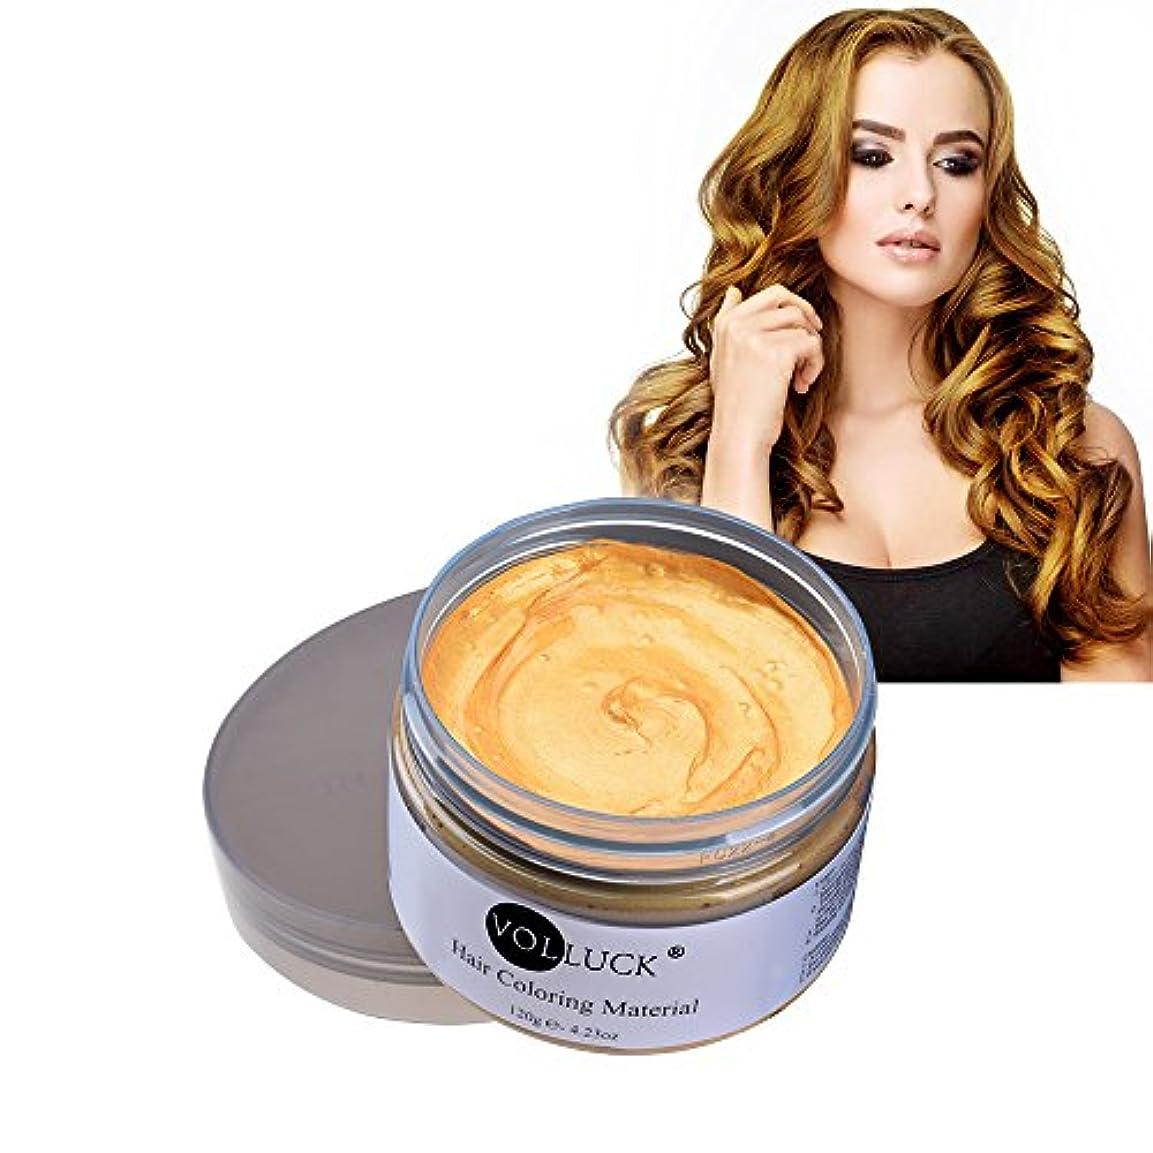 カップルトピックバイアスVOLLUCK ヘアカラーワックス たっぷり120g (ゴールド)Hair color Wax ビーズワックス他ナチュラル成分【並行輸入品】